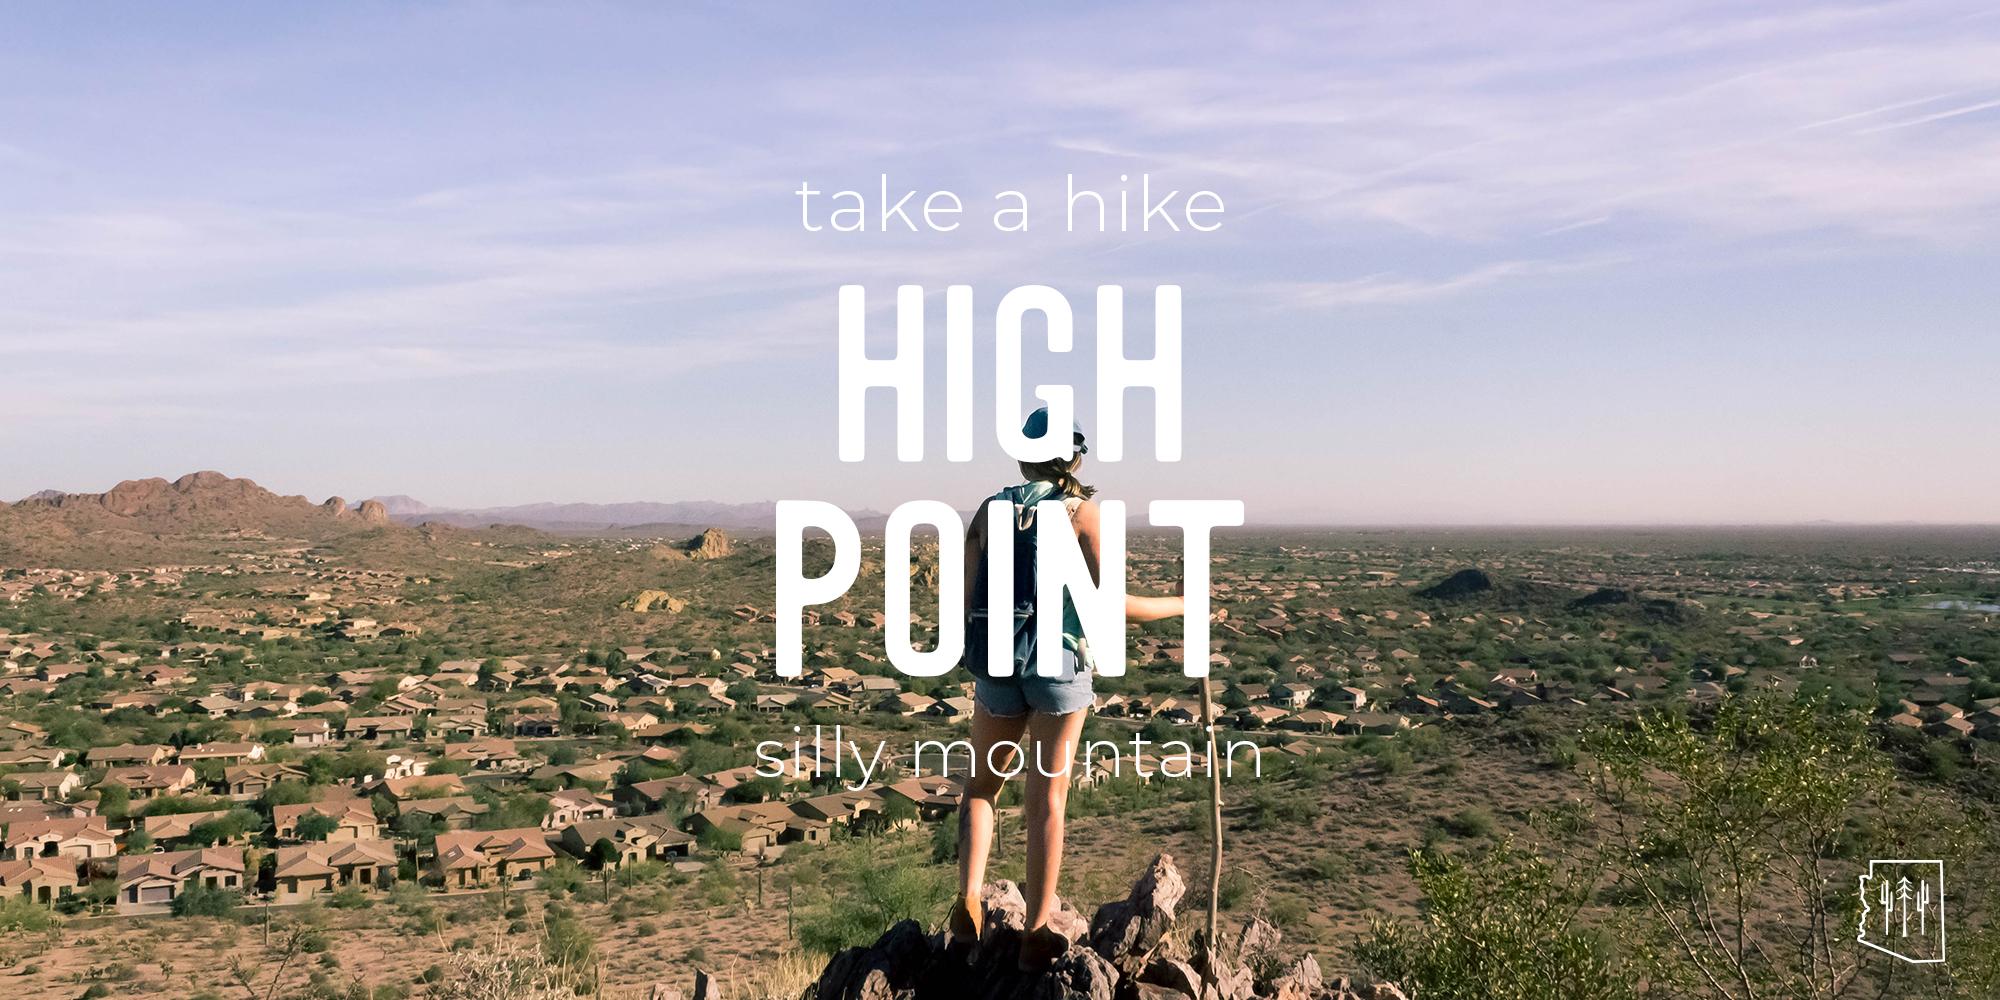 highpoint.jpg